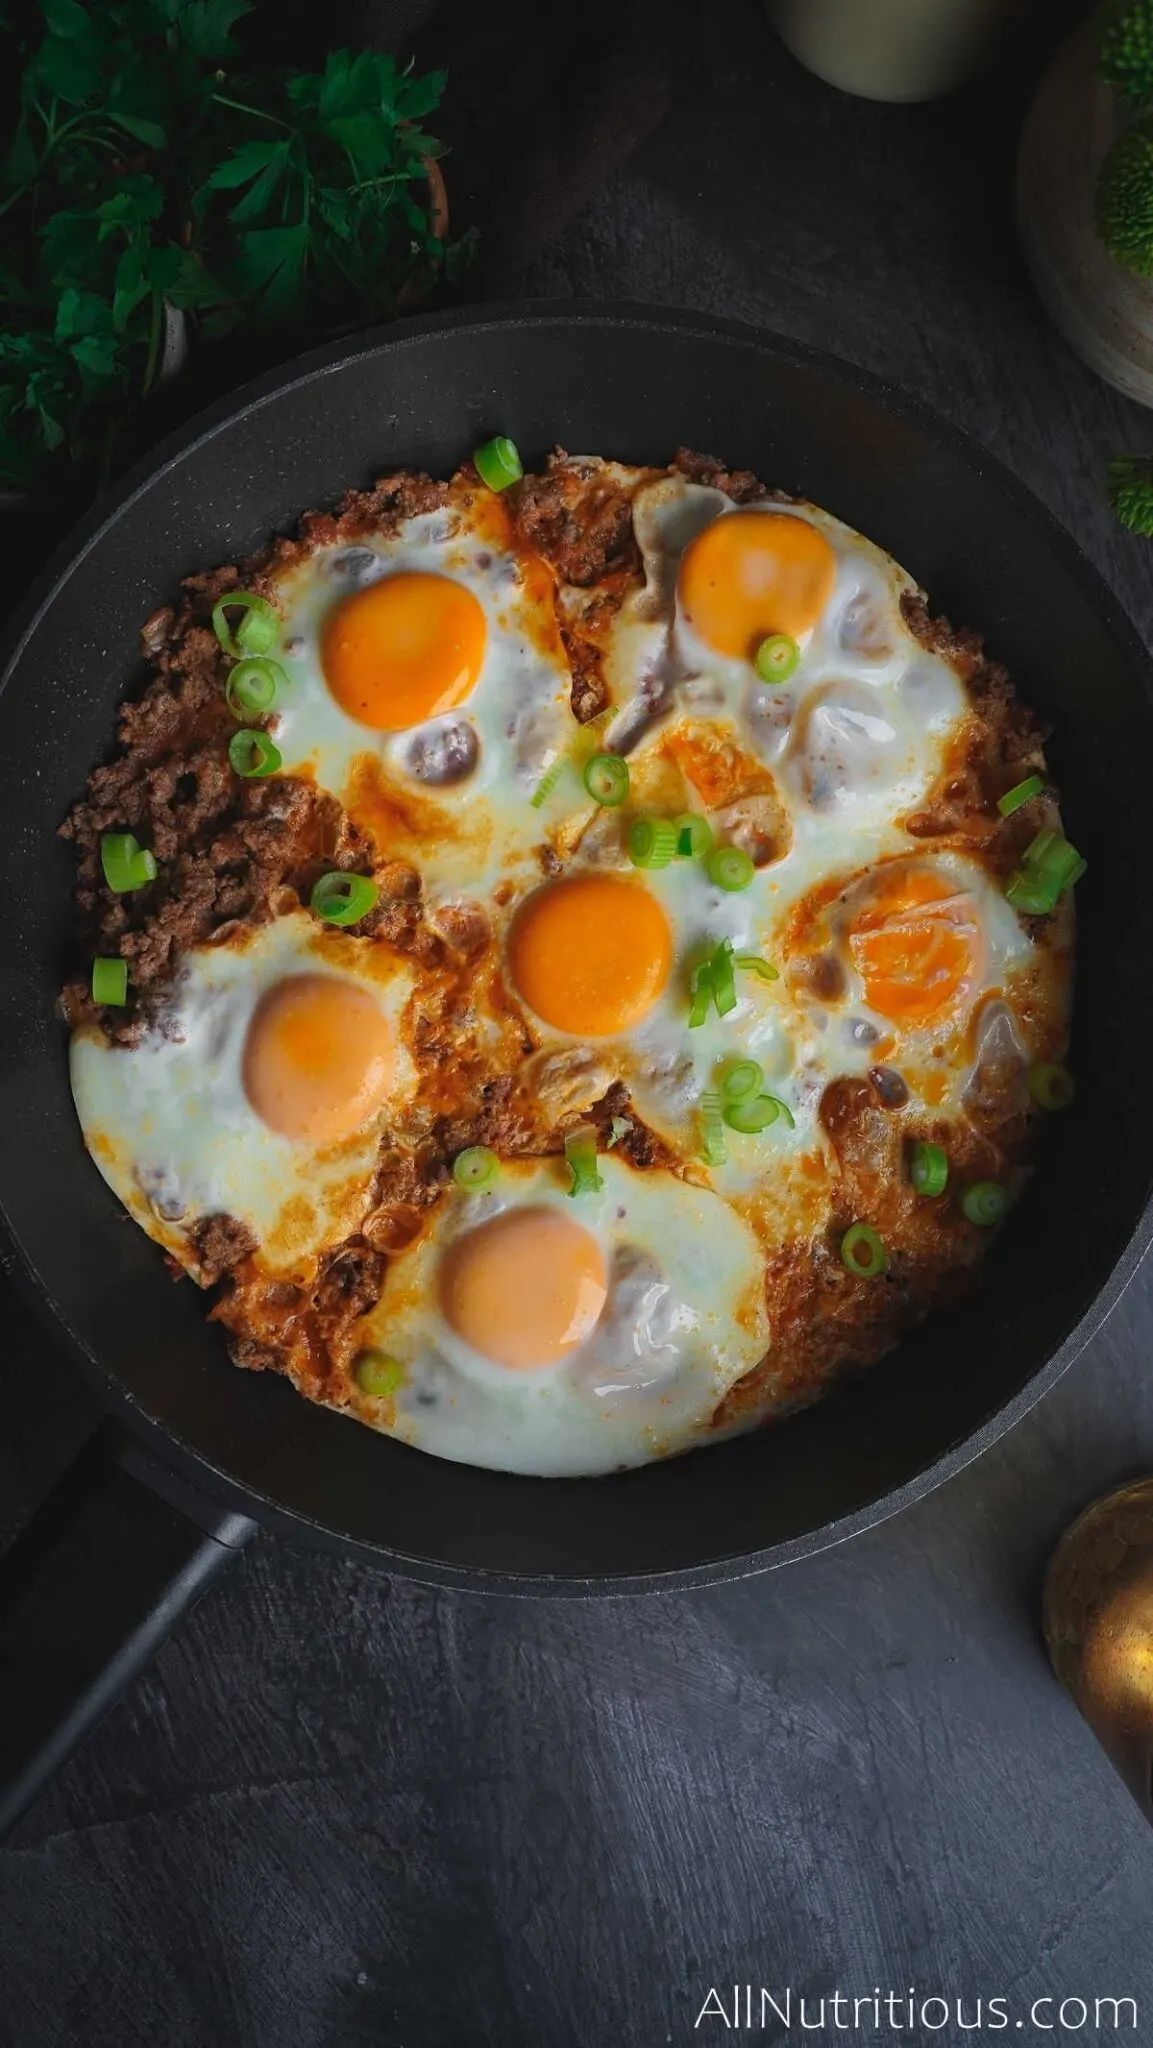 3-Ingredient Breakfast Skillet